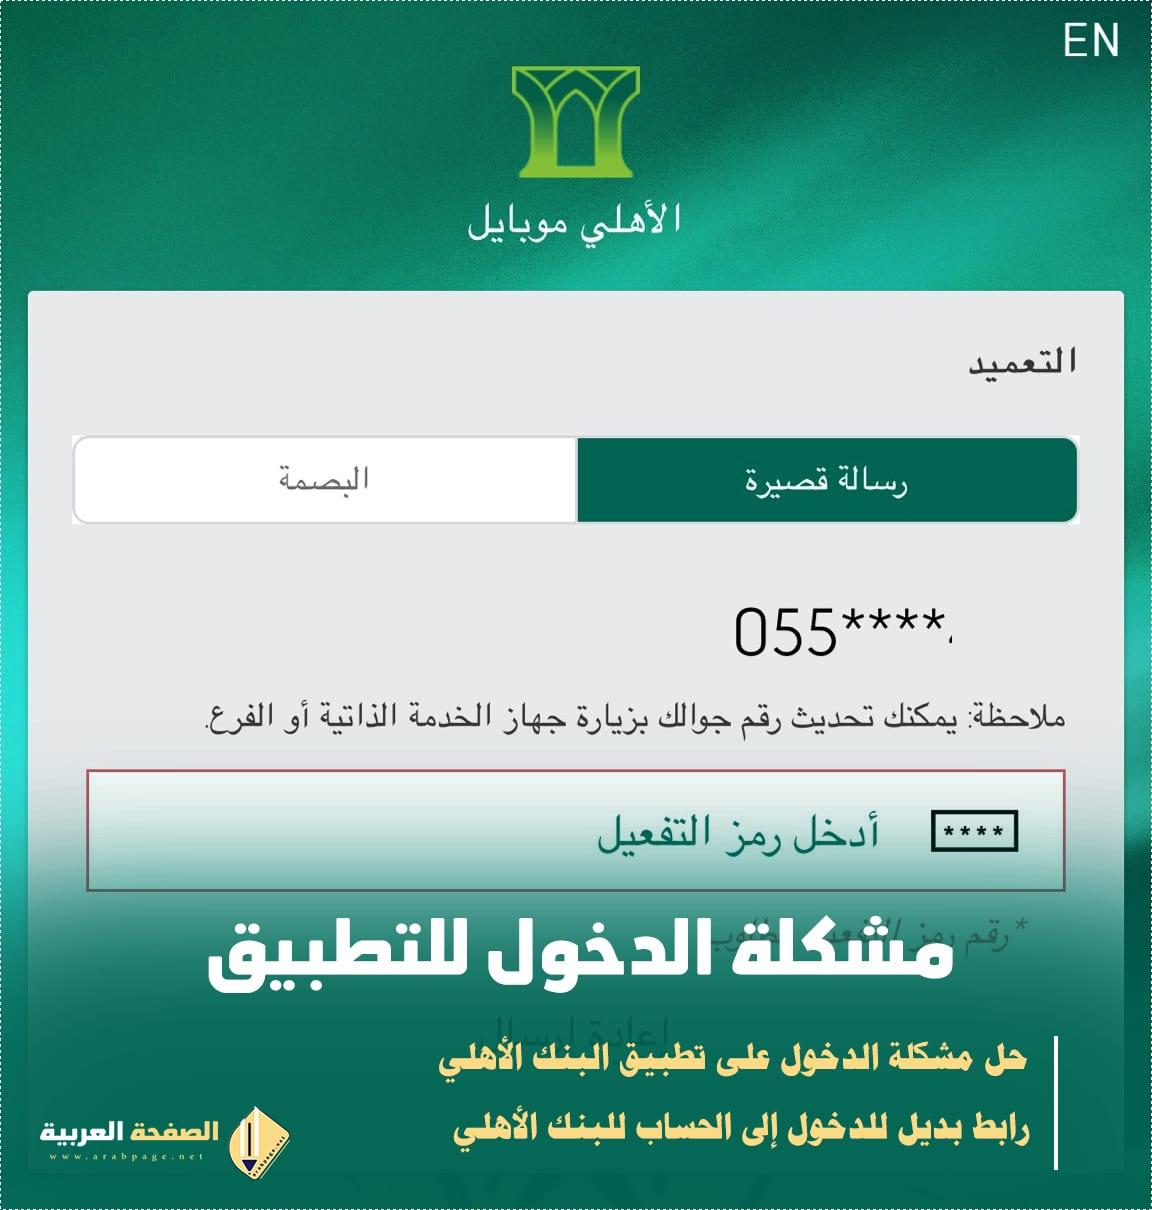 حل مشكلة تطبيق البنك الأهلي اون لاين تسجيل الدخول لـ تحديث رقم الهاتف الصفحة العربية